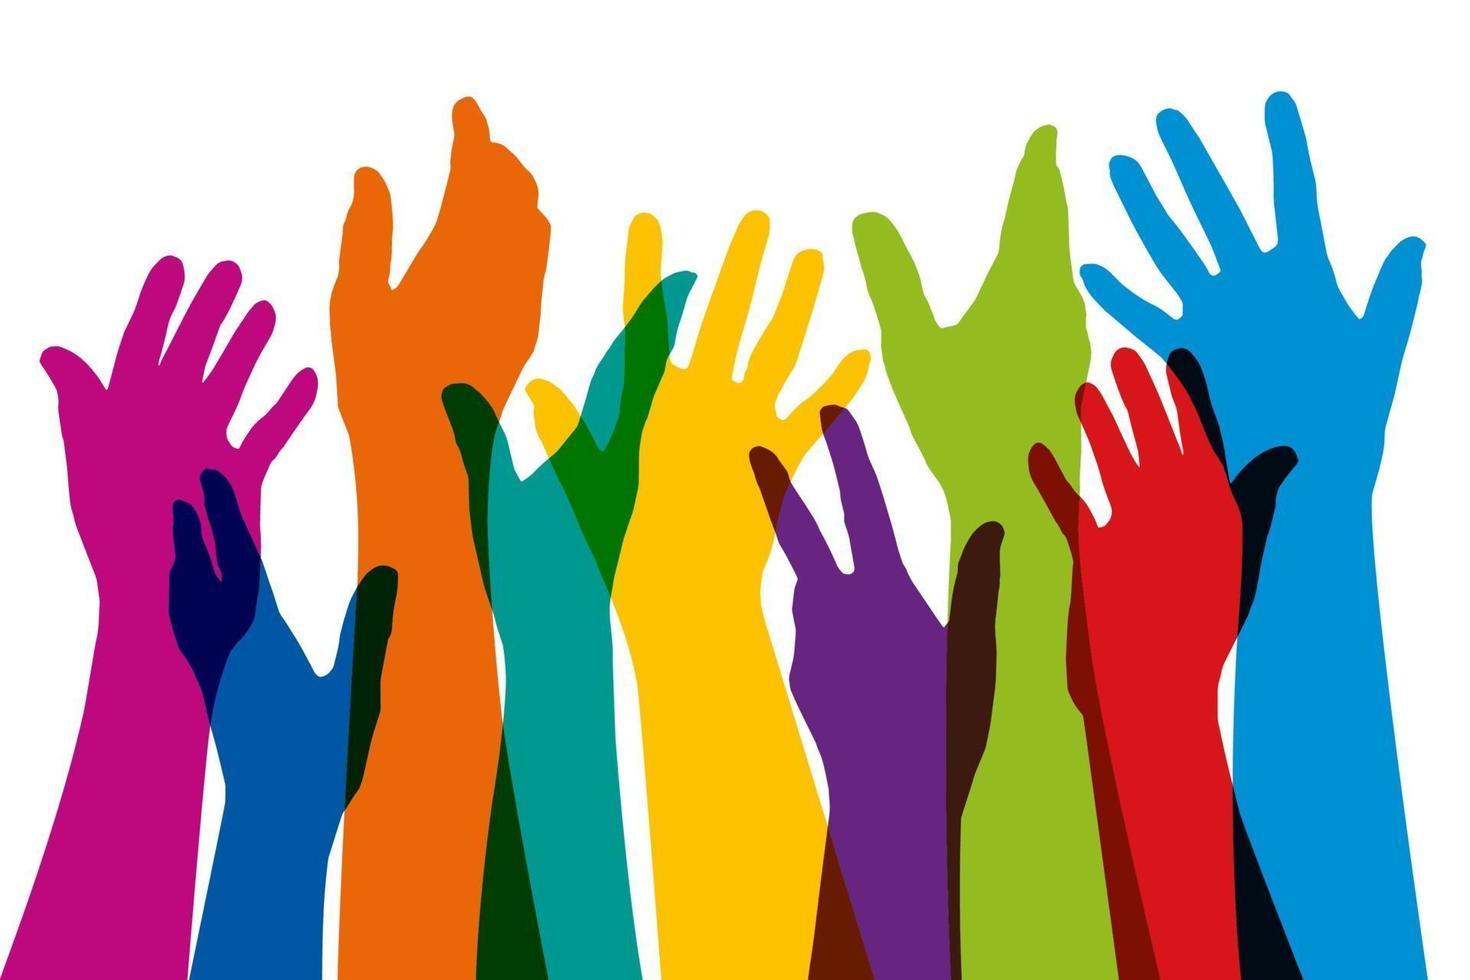 mains levées de différentes couleurs symbole de l'unité vecteur